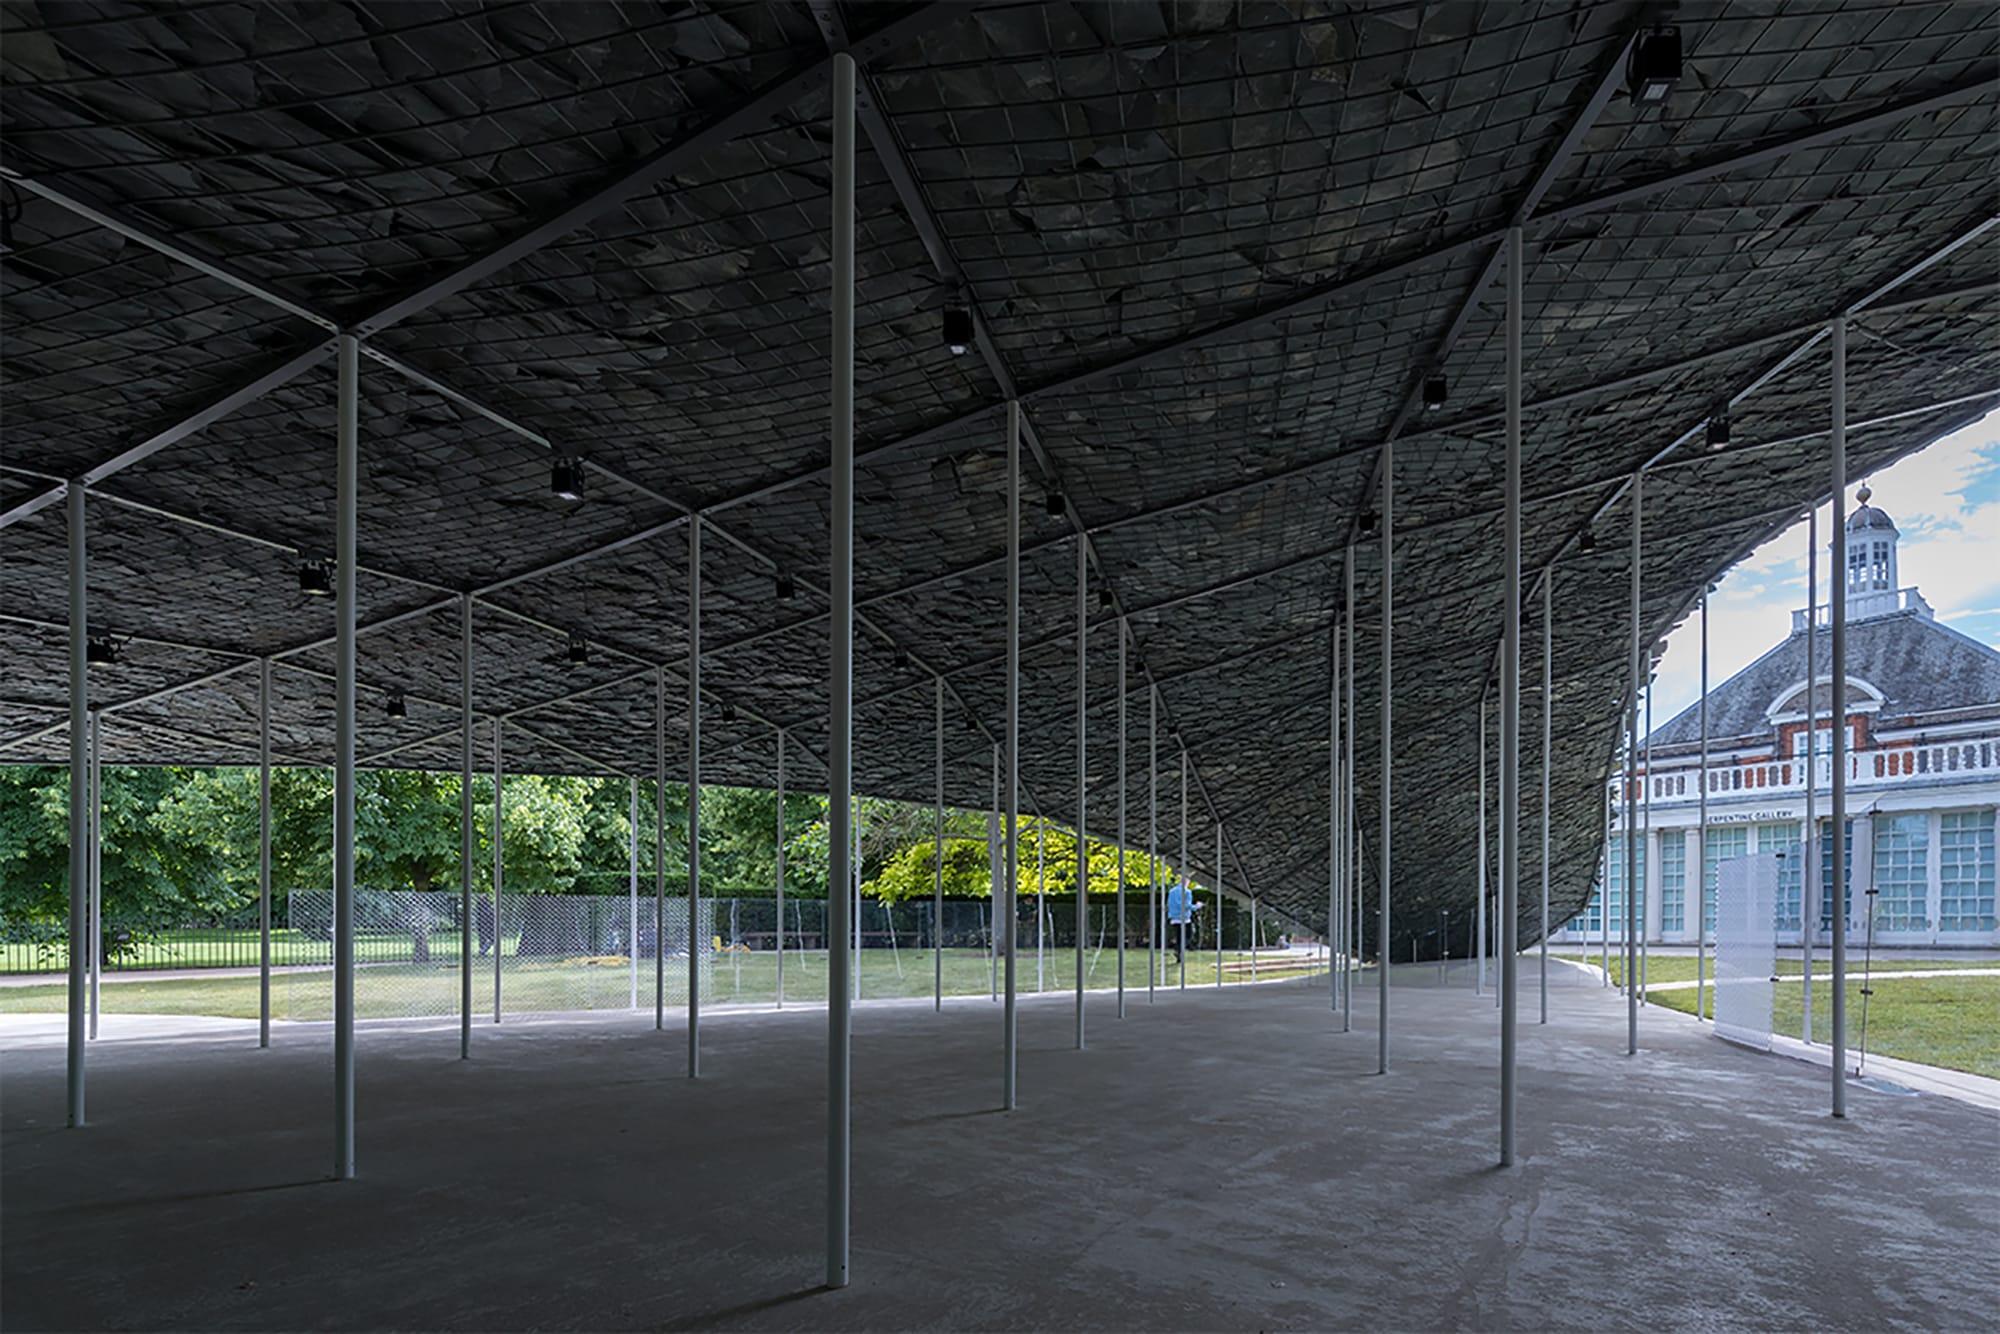 内部には細い柱が並ぶ。サーペンタイギャラリーは、ハイドパークとつながった公園であるケンジントンガーデンズにある。 Serpentine Pavilion 2019 Designed by Junya Ishigami, Serpentine Gallery, London (21 June – 6 October 2019), © Junya Ishigami + Associates, Photography © 2019 Iwan Baan